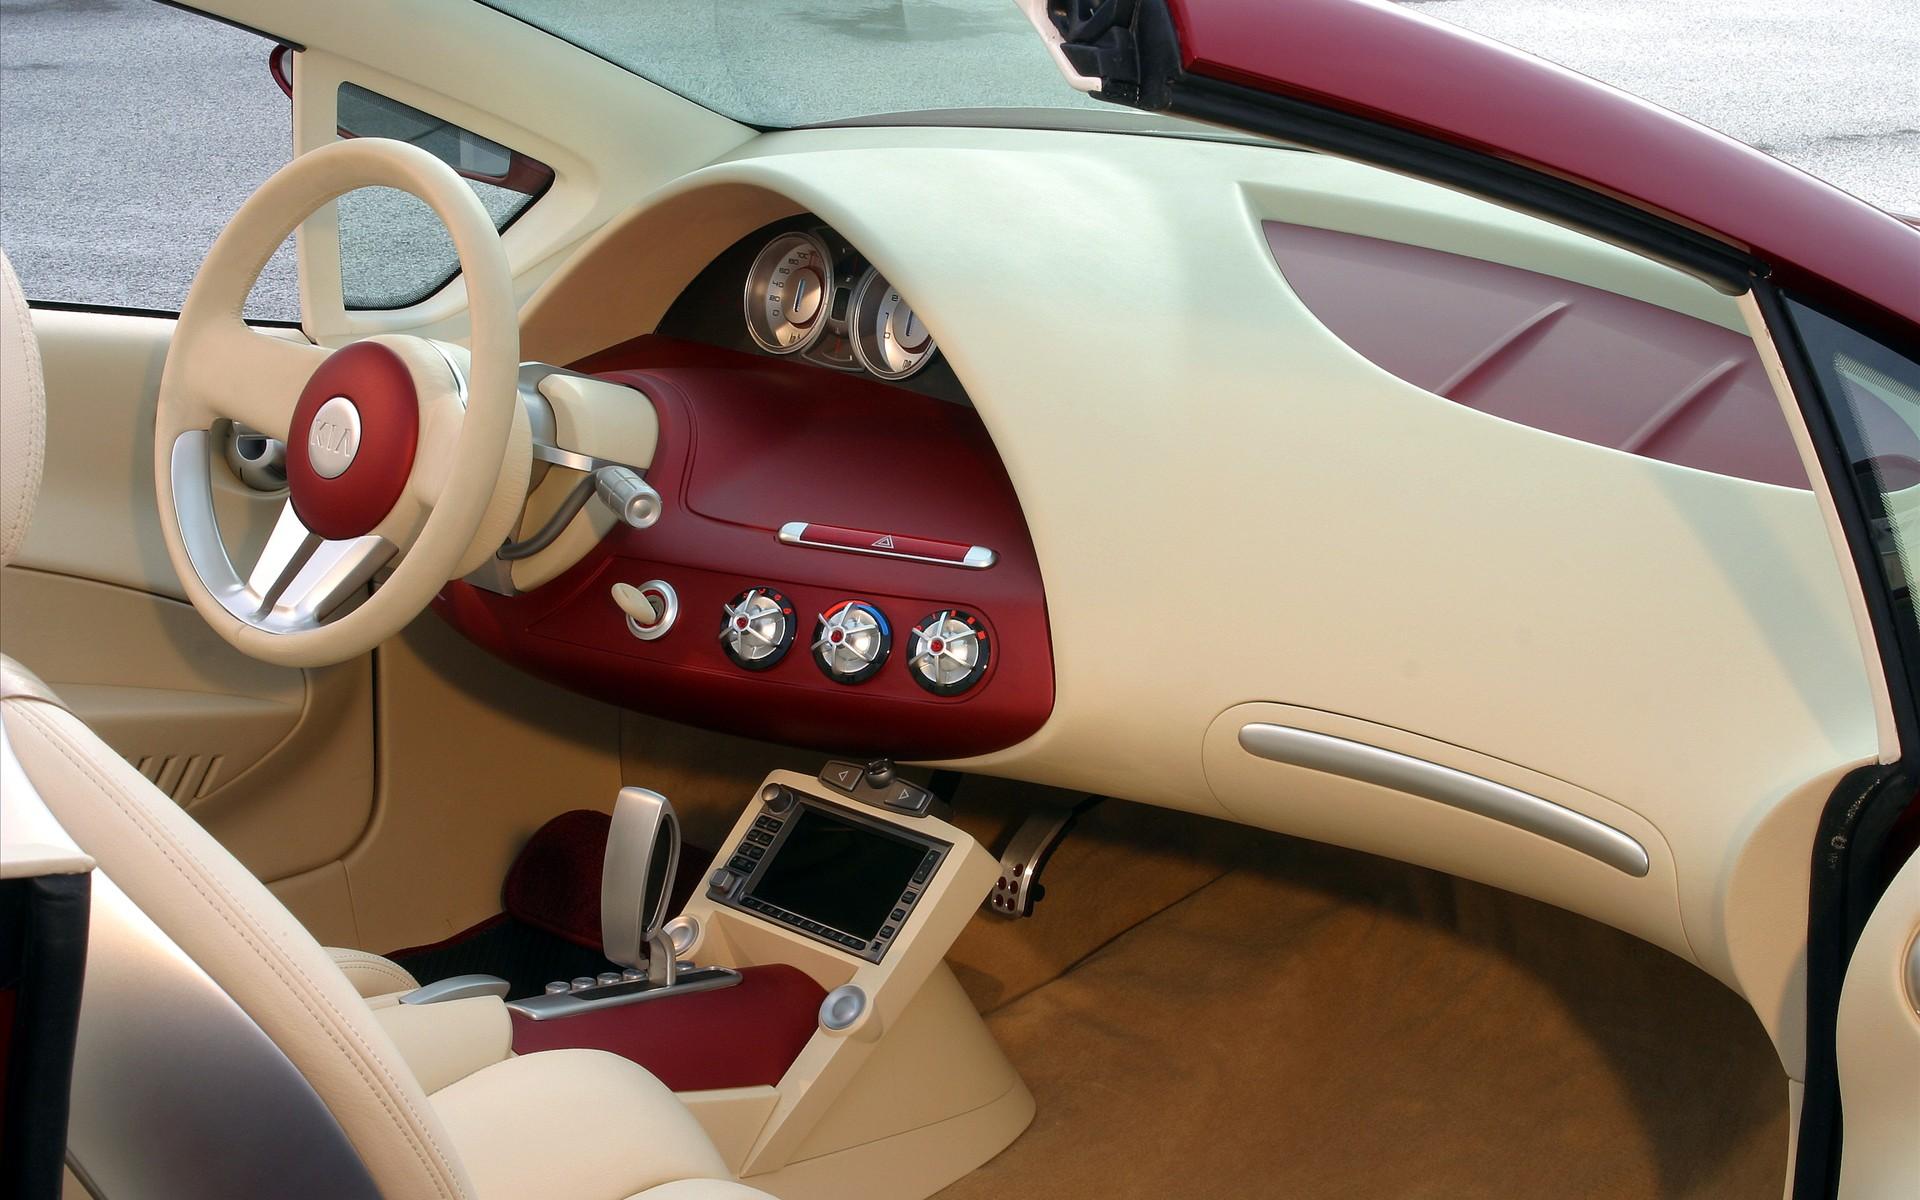 汽车内部结构大全图解,学车汽车内部结构图解,小型汽车内部